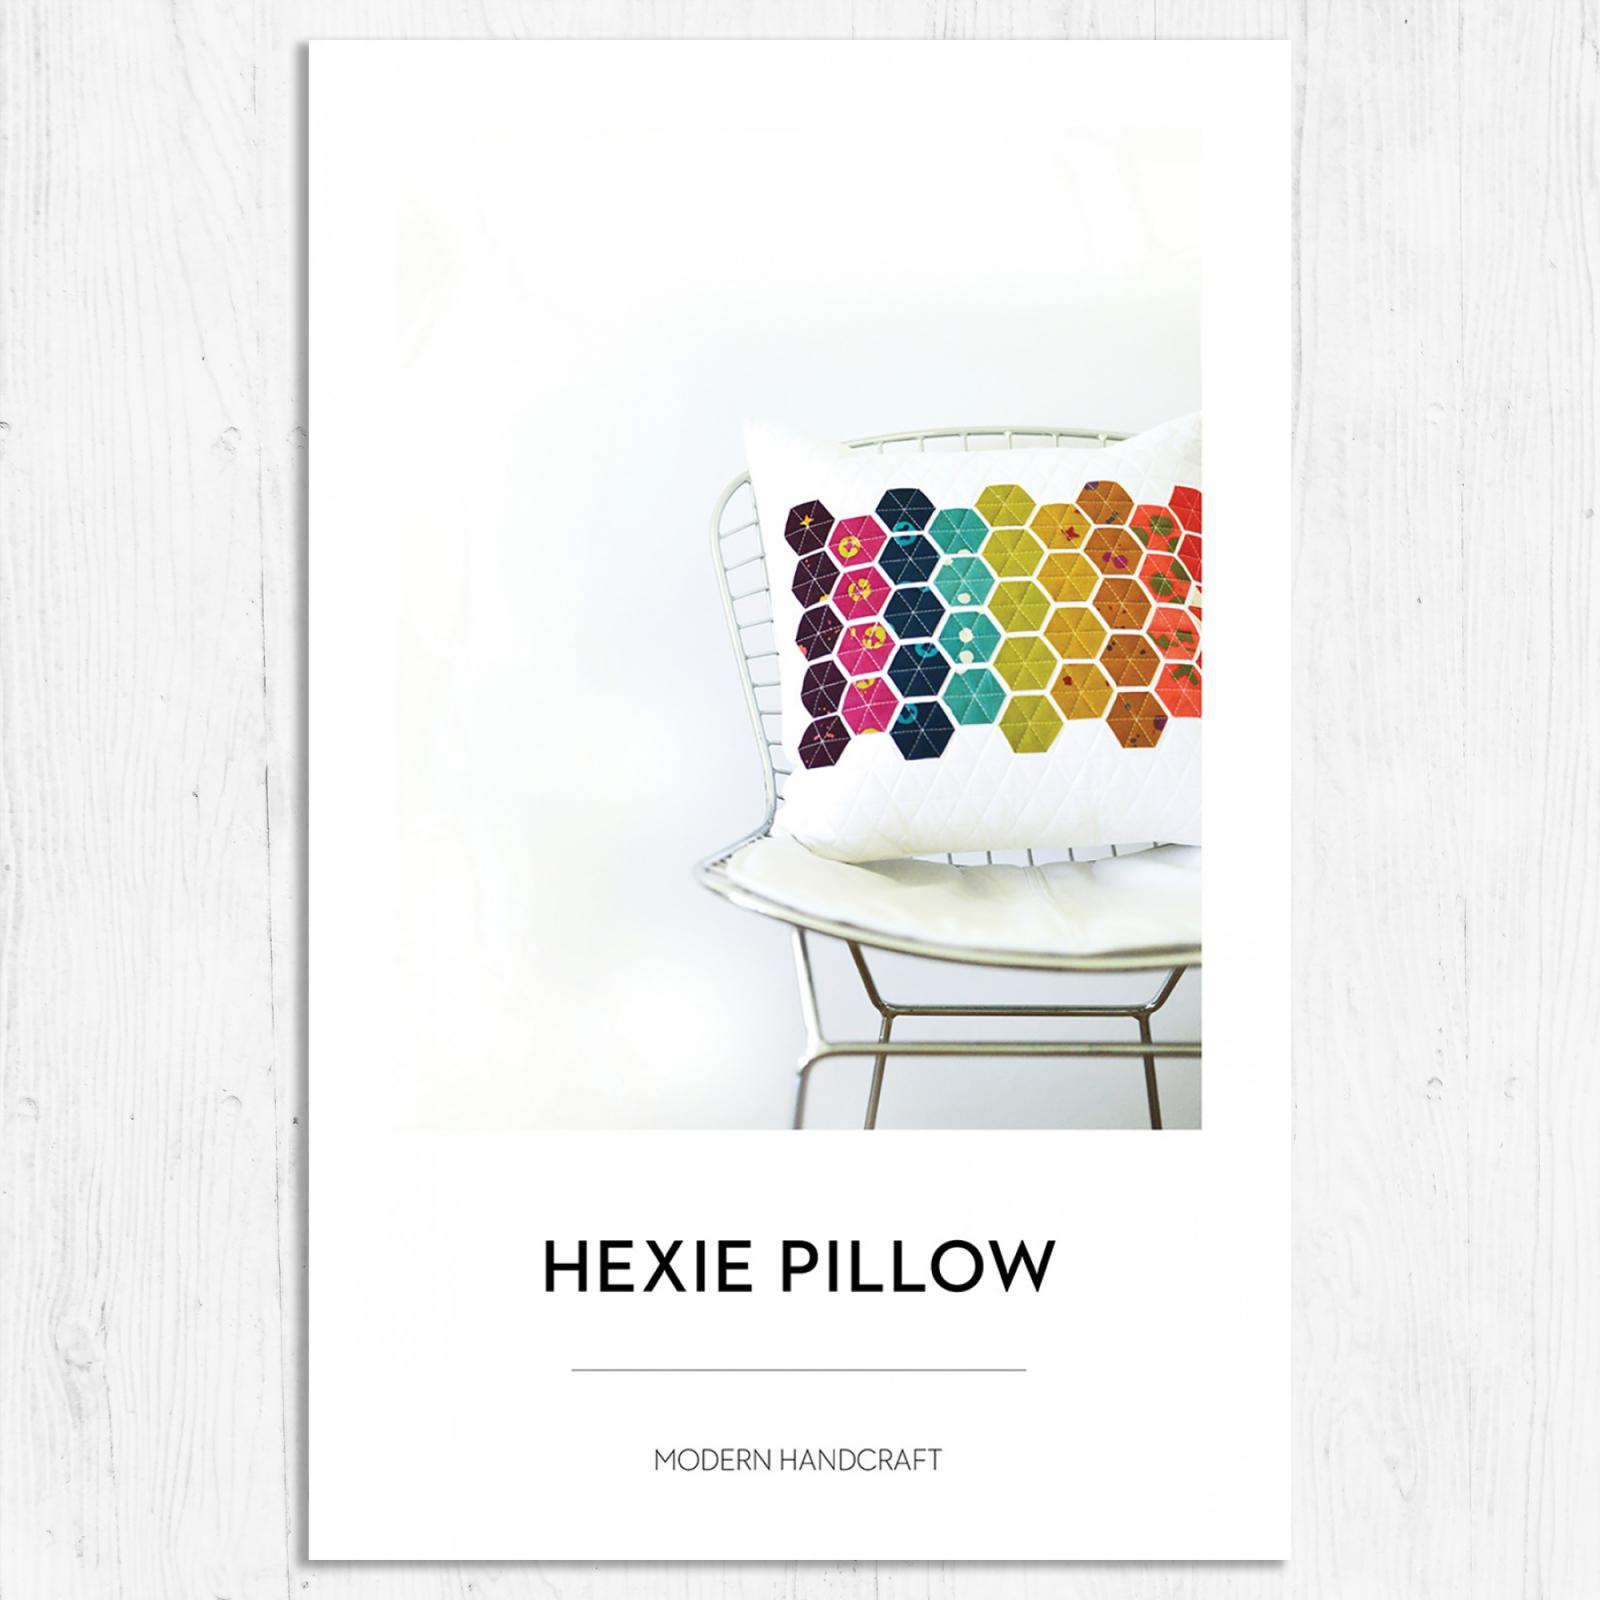 Modern Handcraft - Hexie Pillow